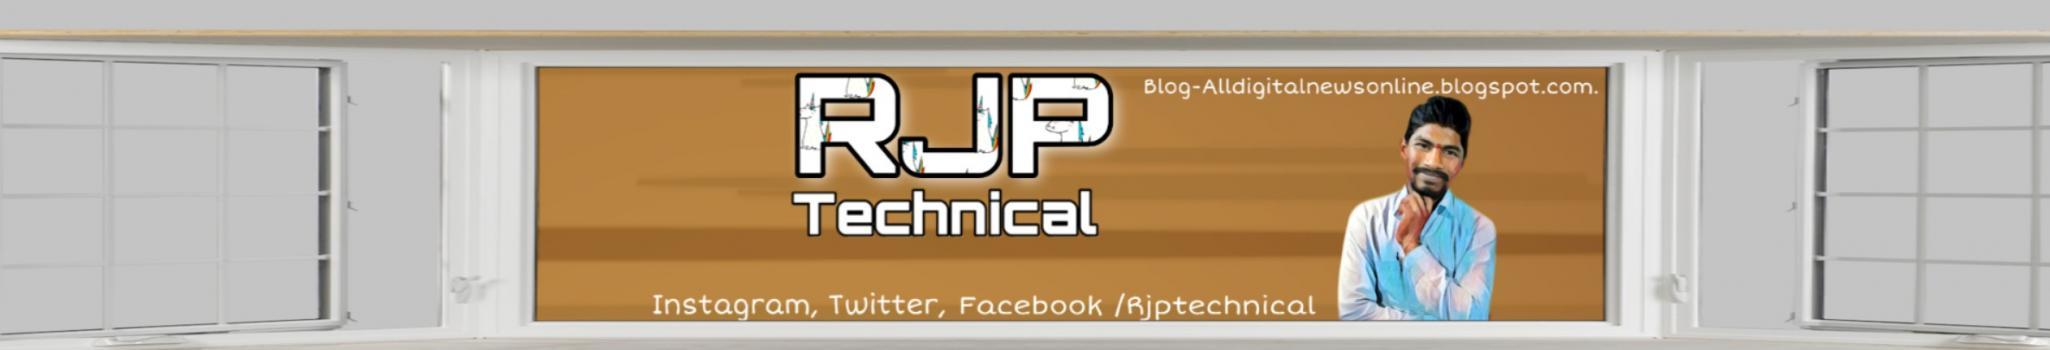 Rjp technical